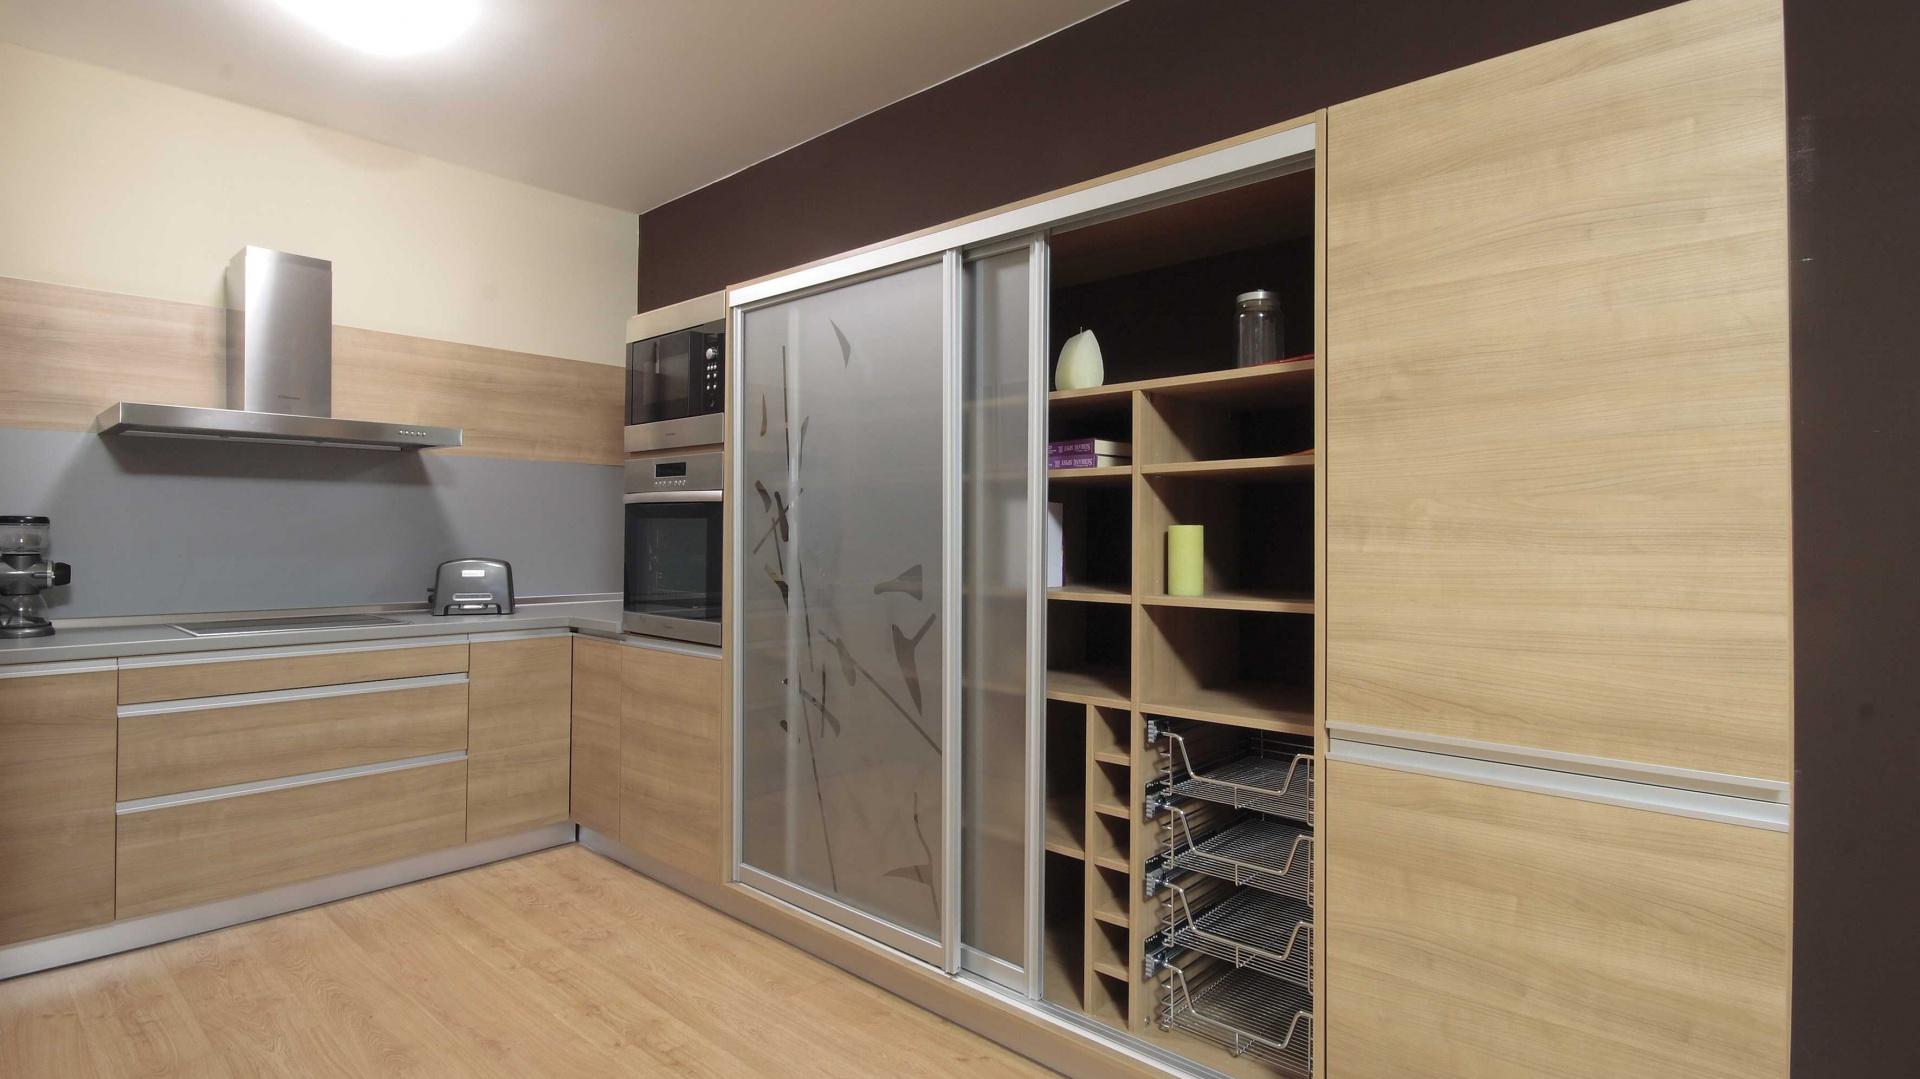 Spiżarnia W Małej Kuchni Tak Ją Urządzisz